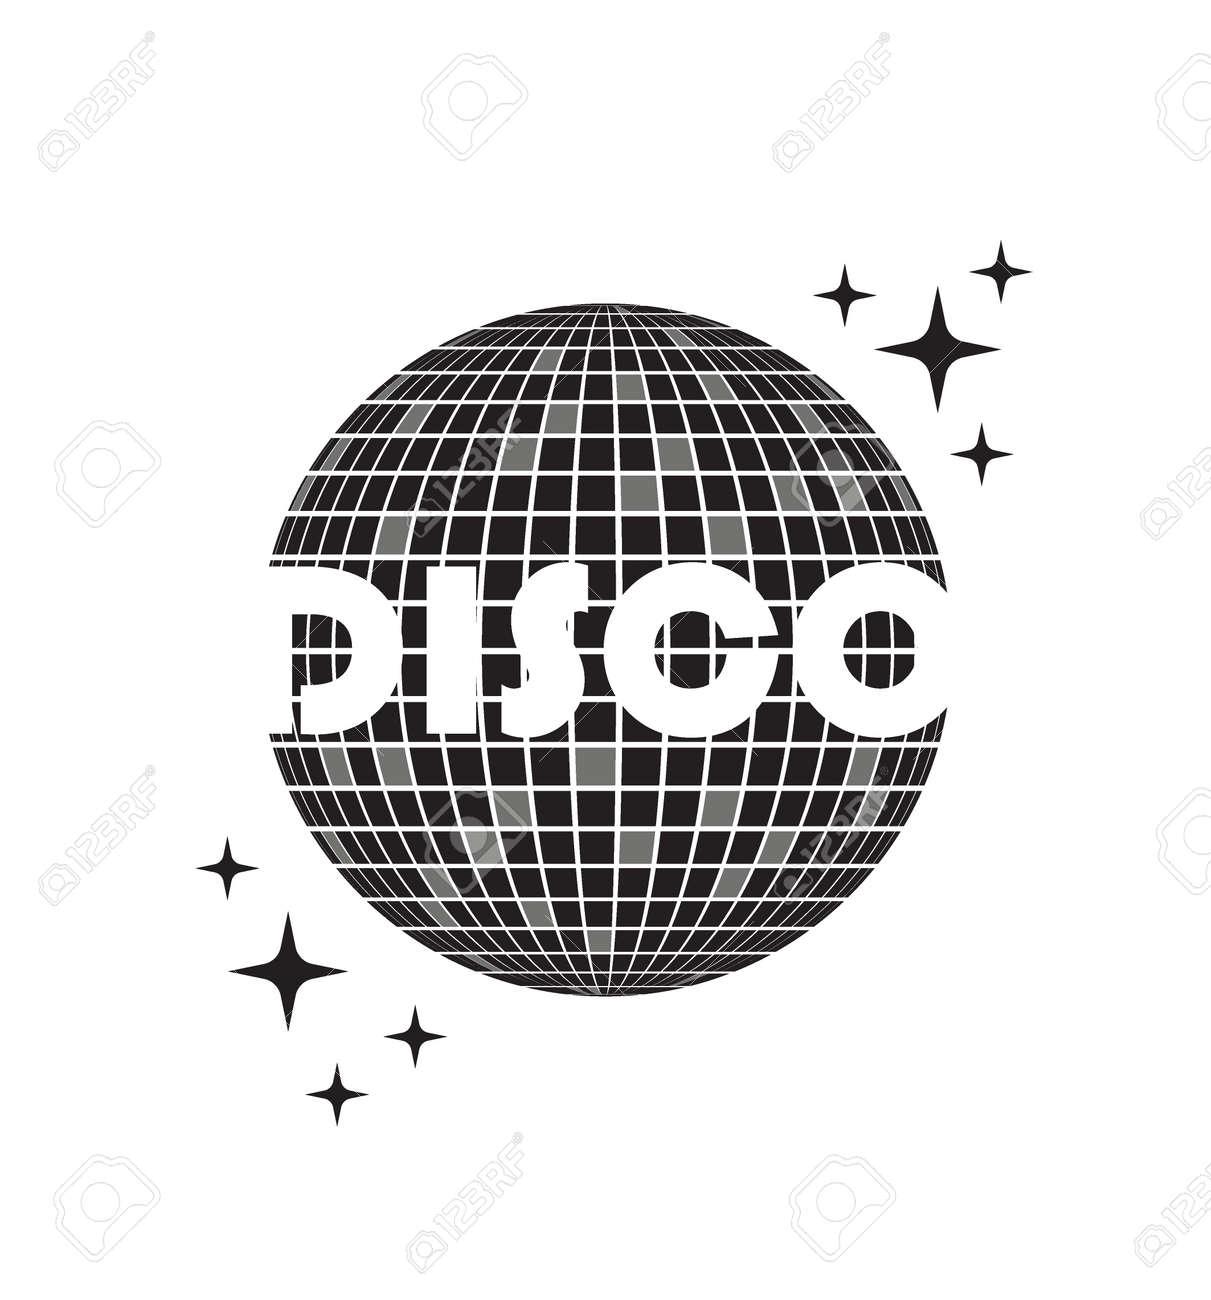 Disco ball Vector icon. Party Template dj - 171750014